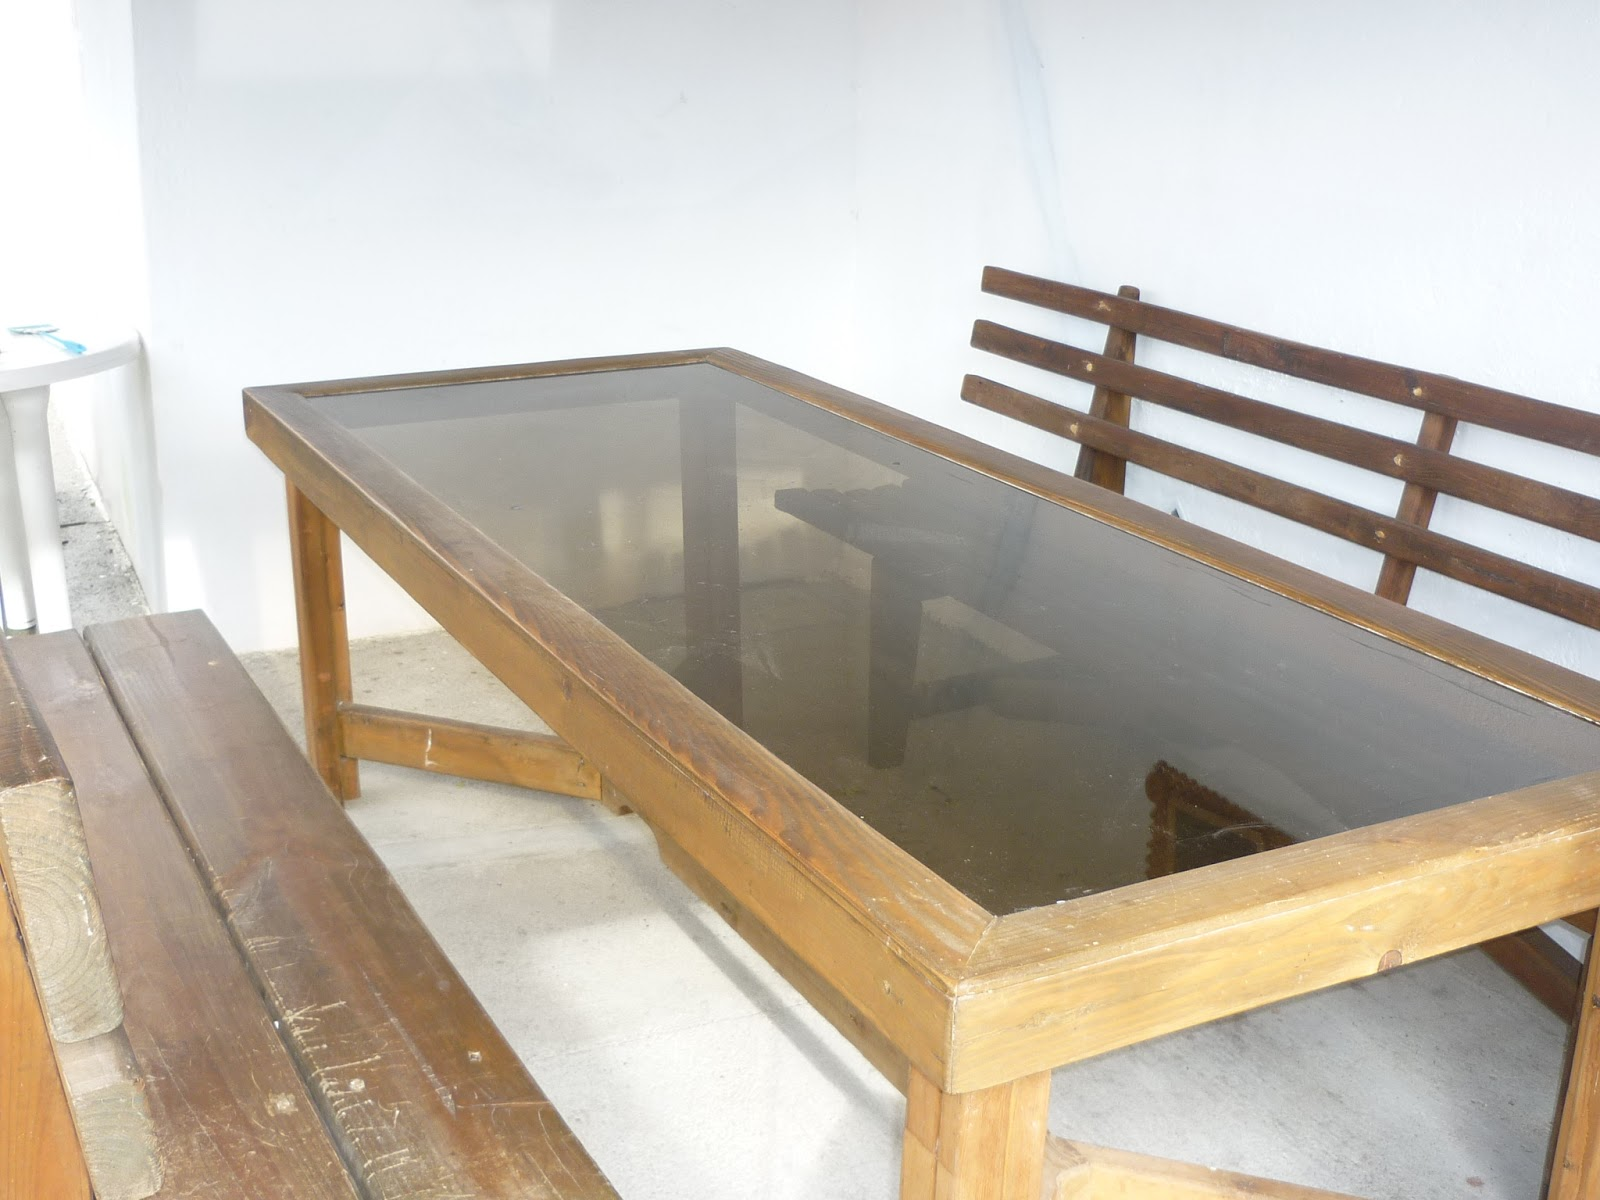 Artesan a mobiliario para terraza y jard n for Mobiliario de terraza